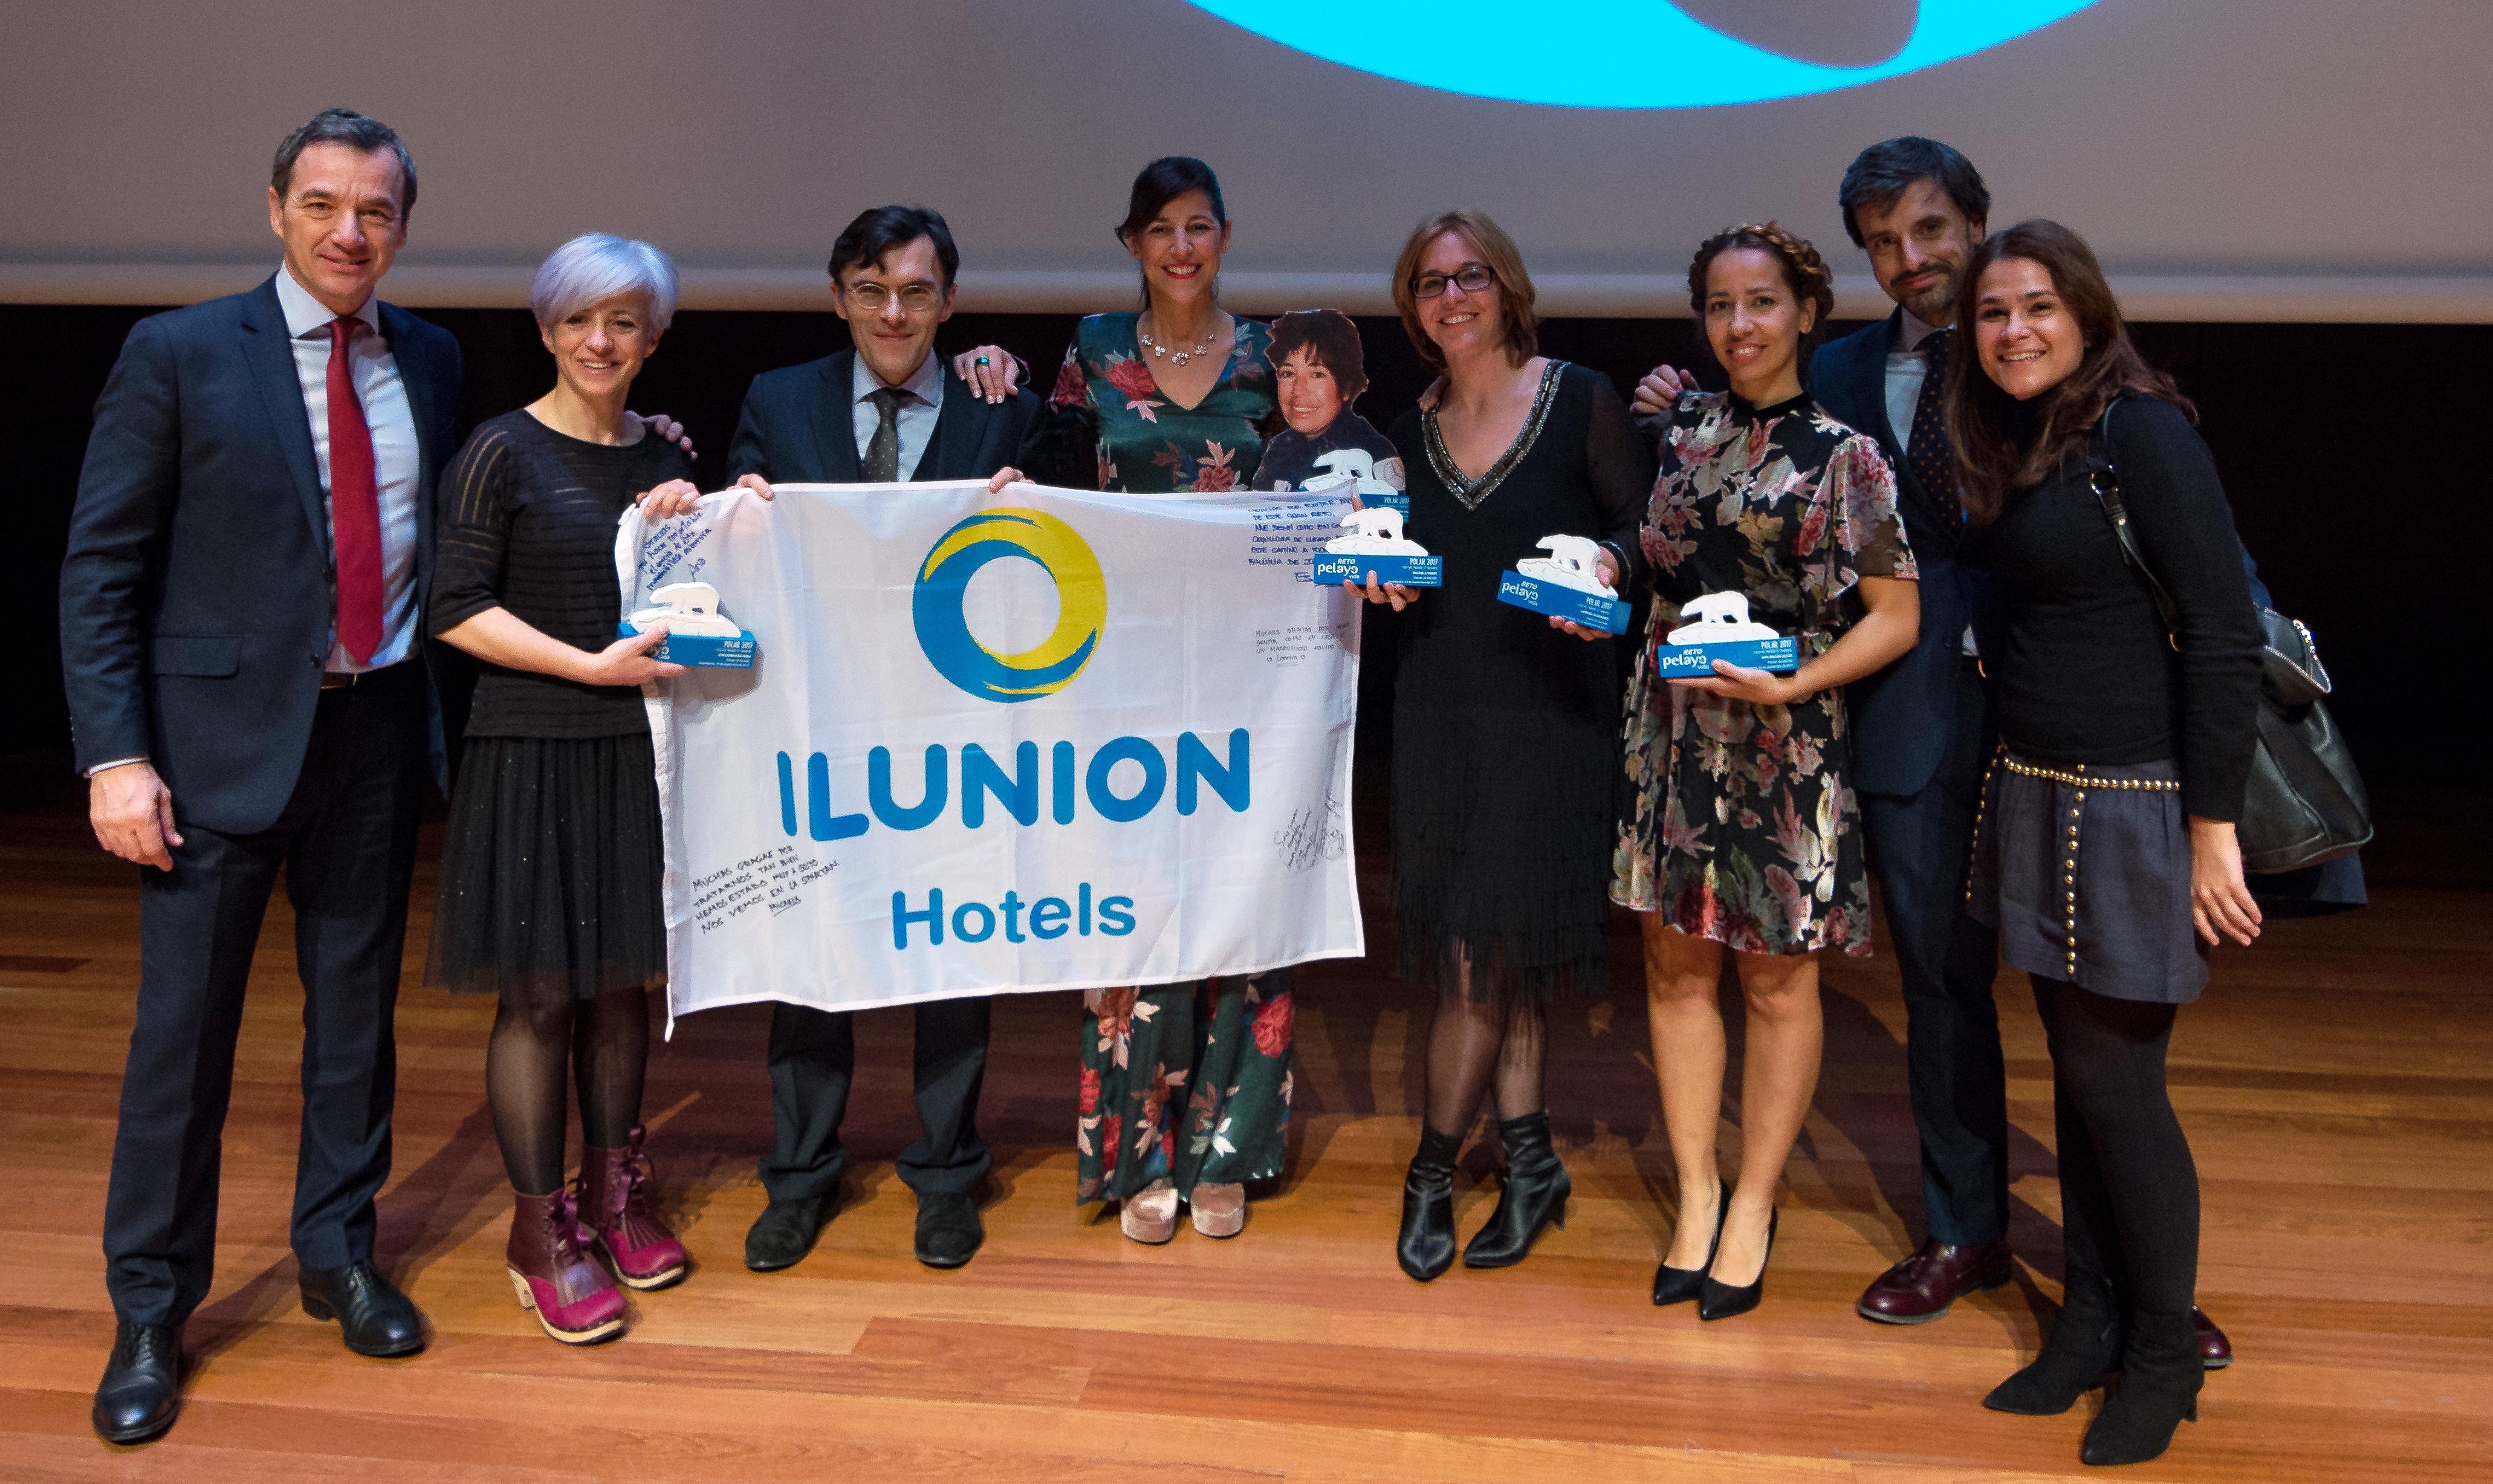 ILUNION Hotels, copatrocinadora del 'Reto Pelayo Vida Polar 2017'